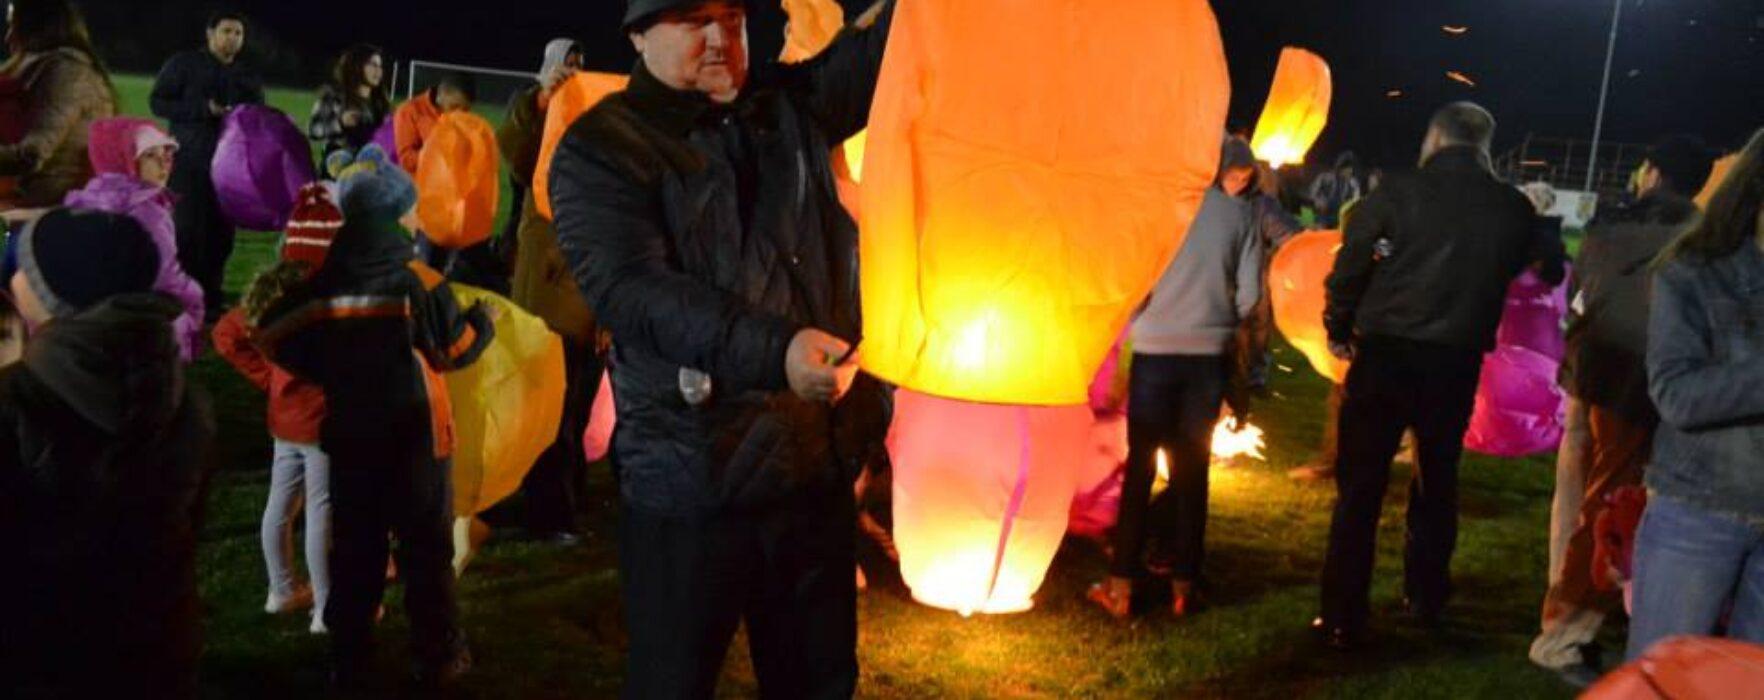 Oraşul Răcari a marcat Ora Pământului, de pe stadionul din oraş au fost lansate lampioane